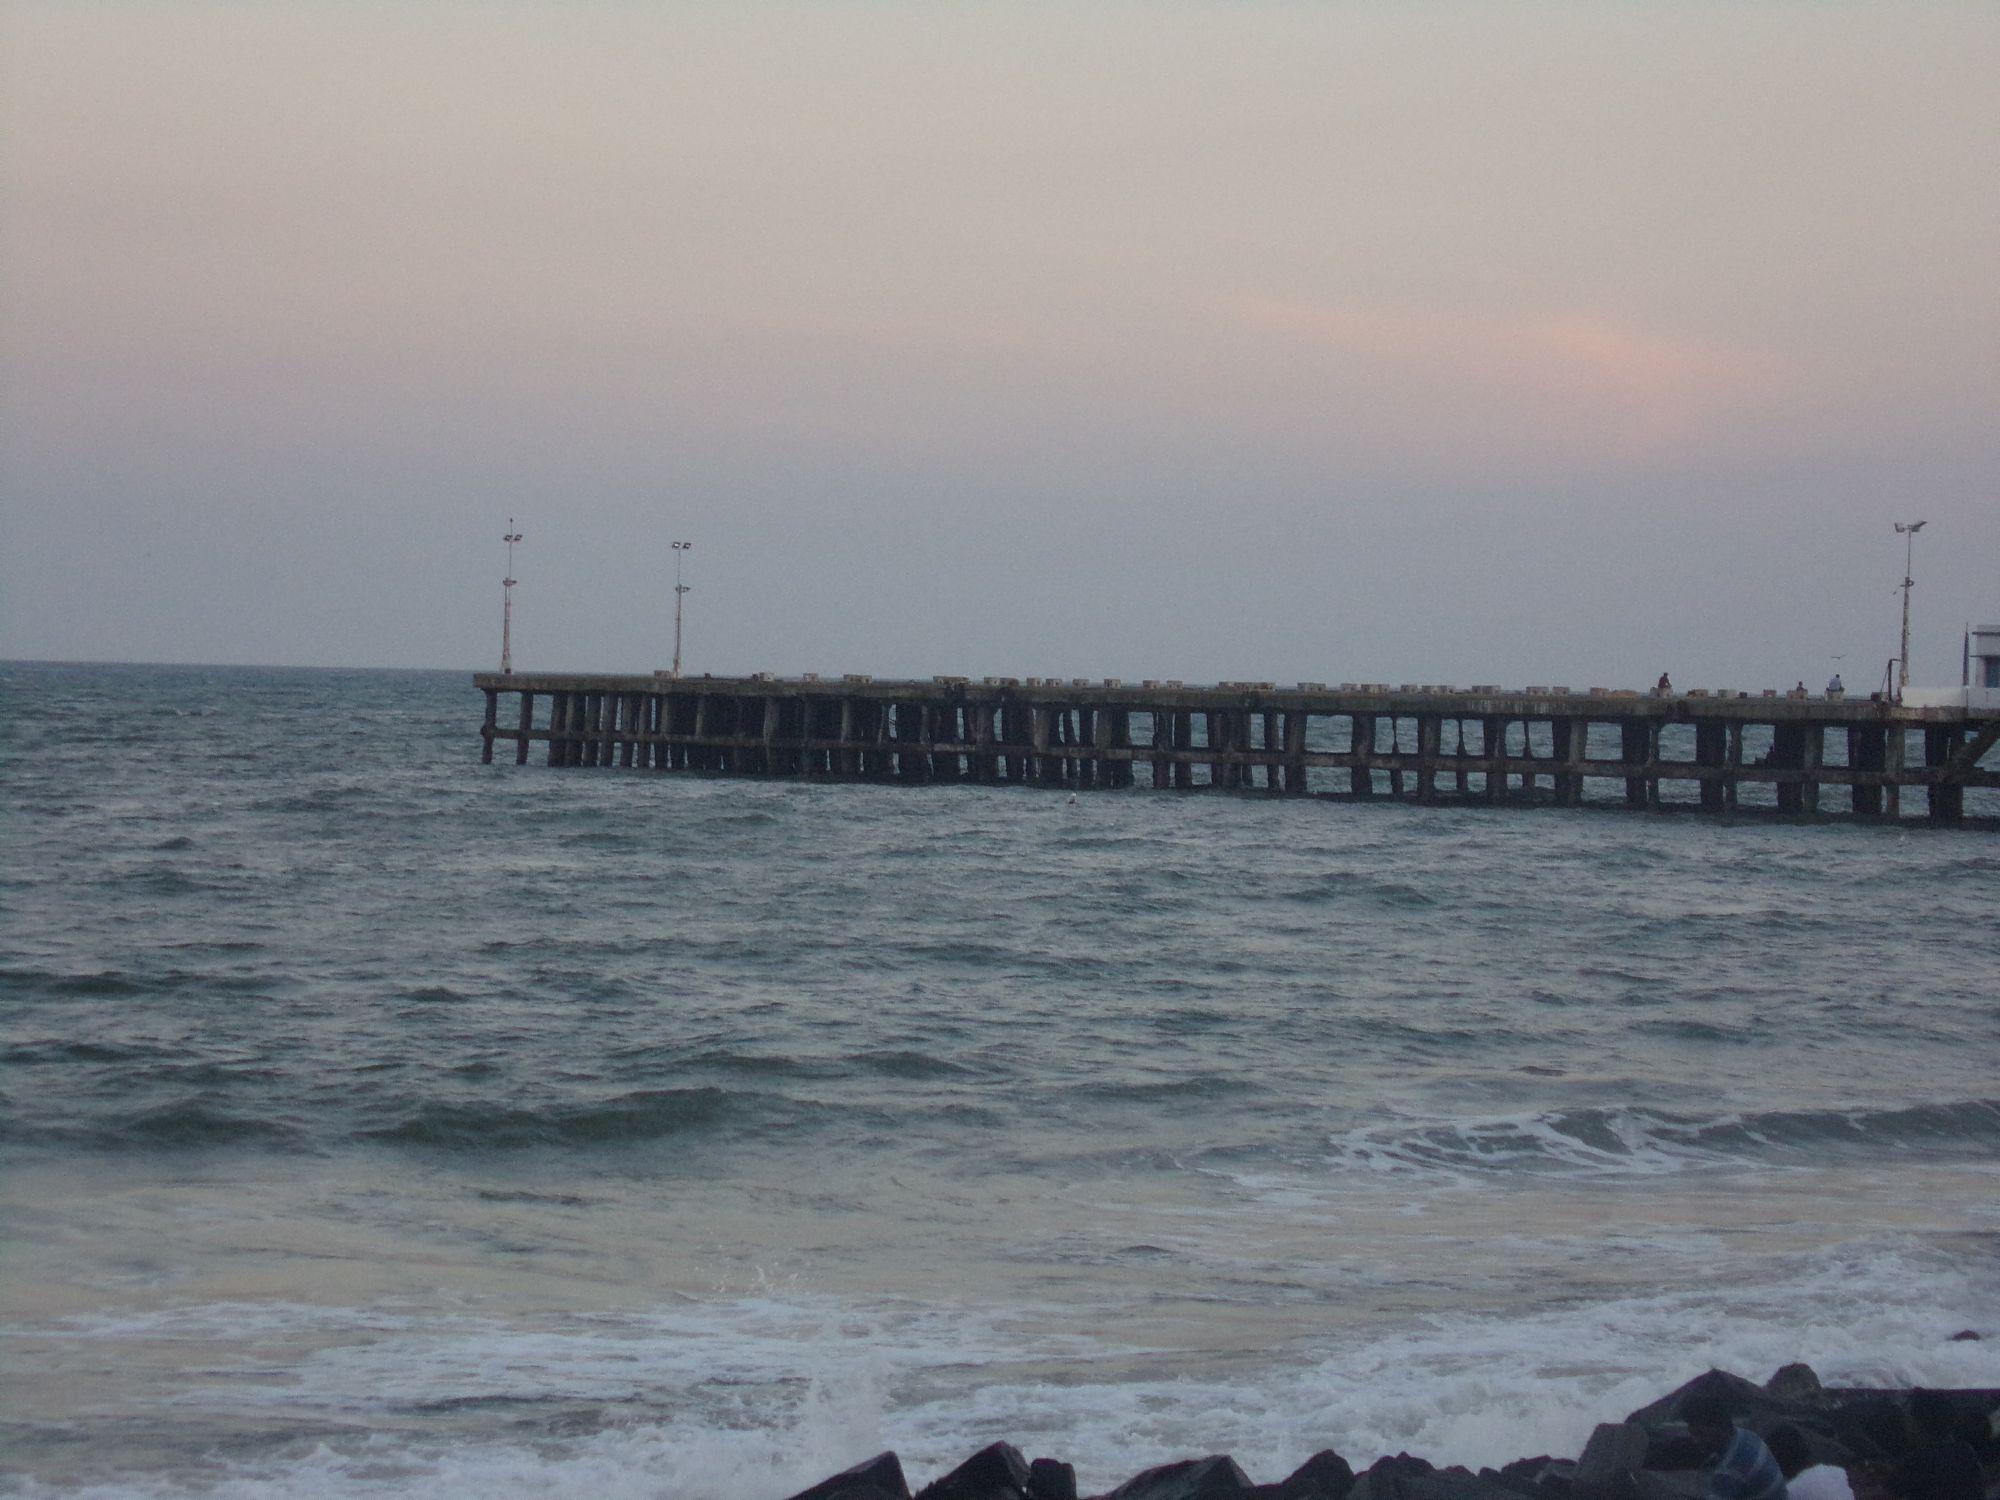 jete pondicherry vieux port Inde